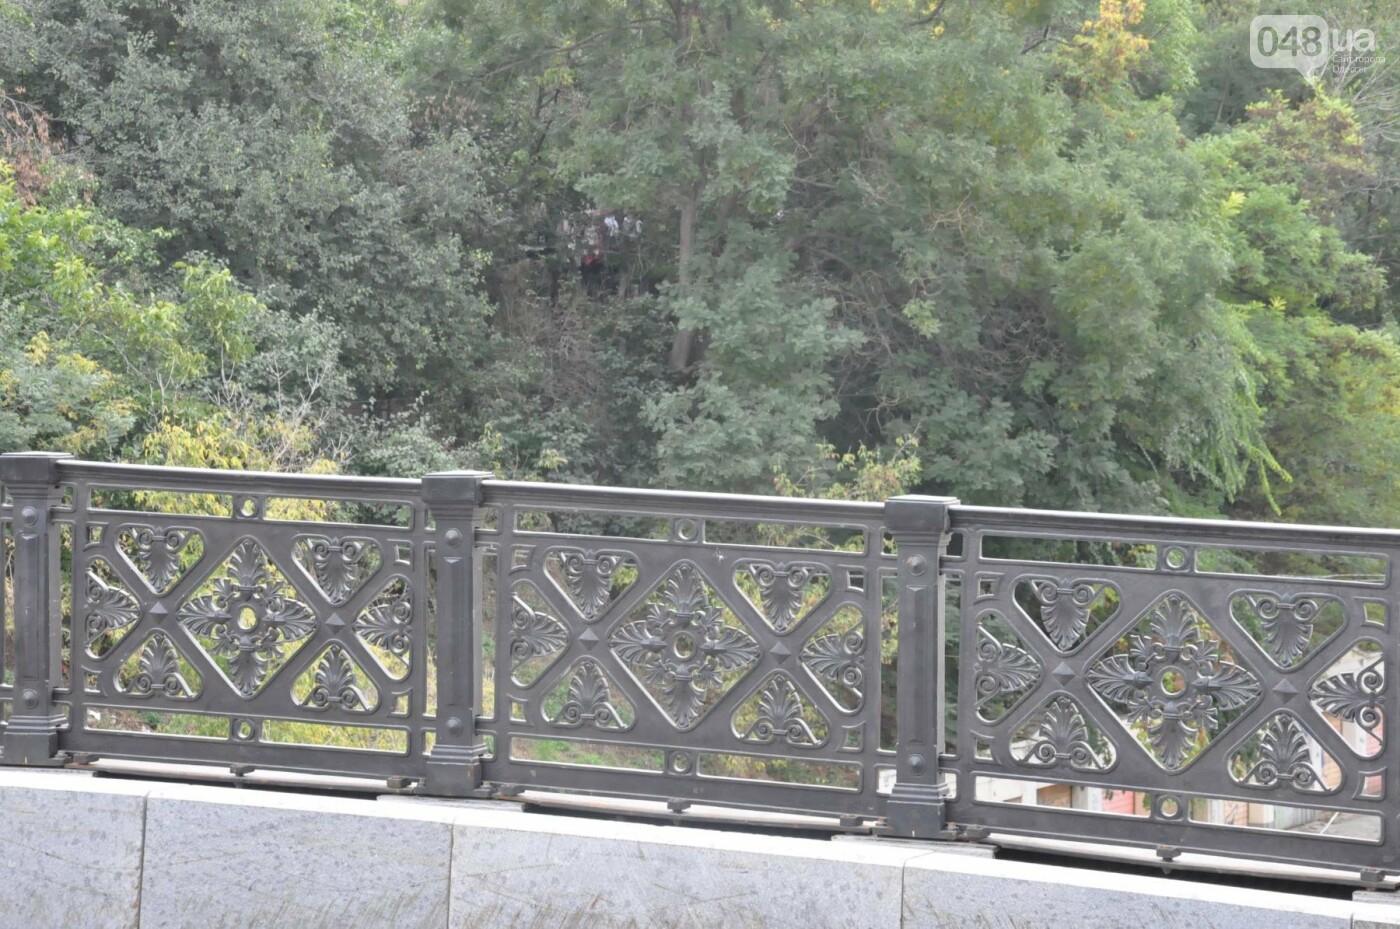 Одесский брат Эйфелевой башни ржав и, возможно, обворован при реставрации (ФОТО), фото-12